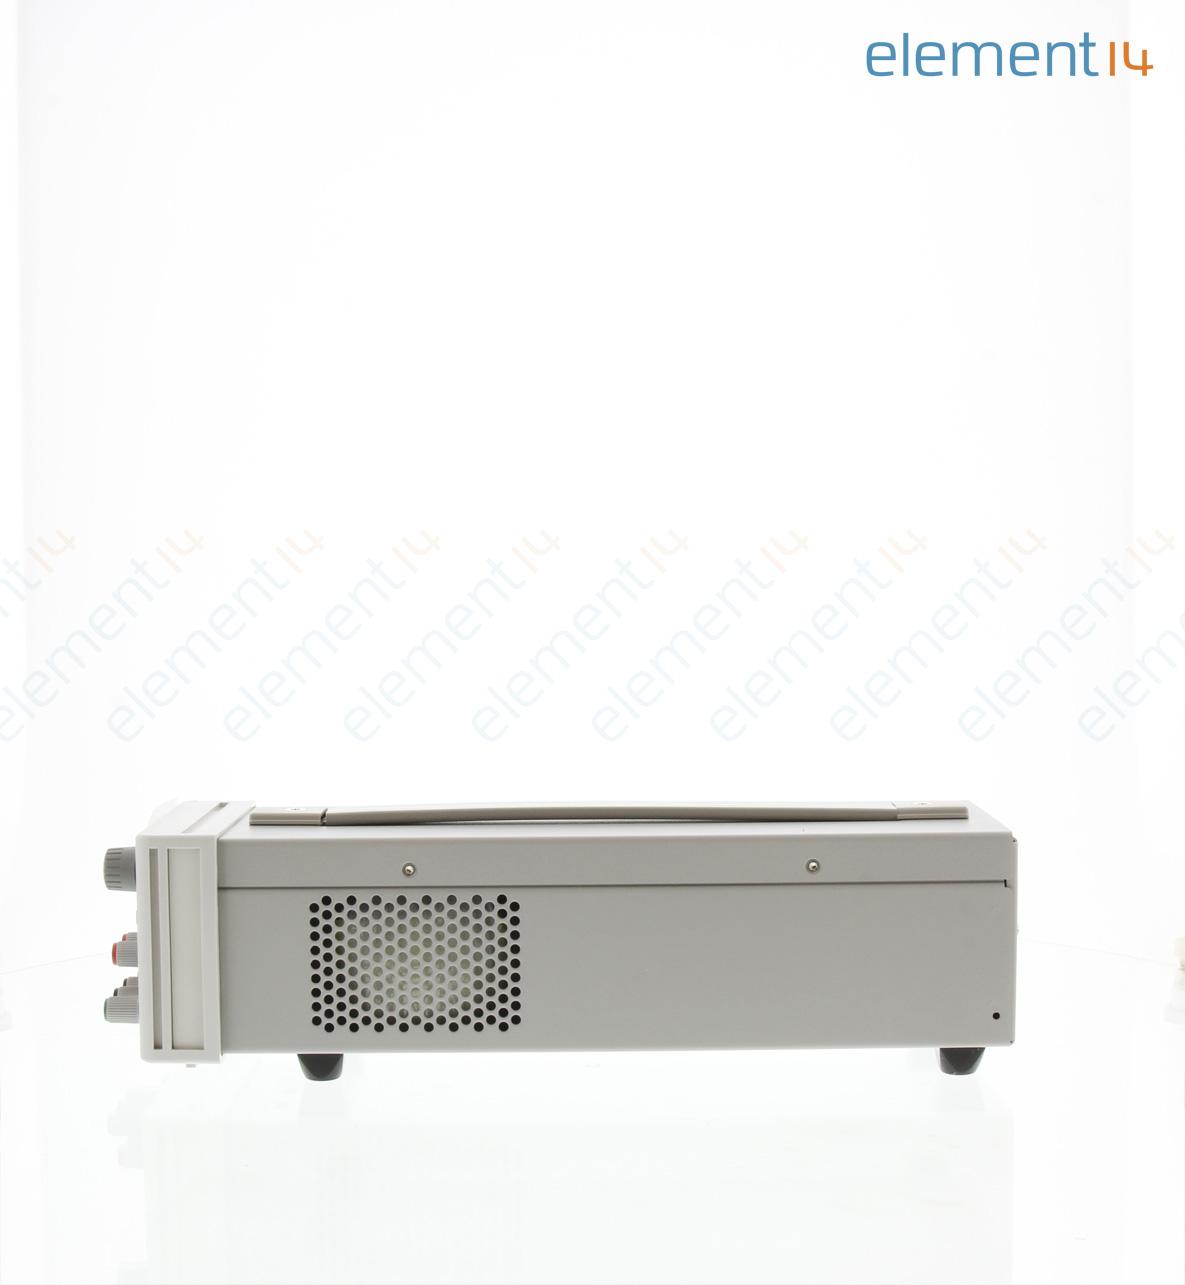 E36103a Keysight Technologies Bench Power Supply Programmable 1 Output 0 V 20 V 0 A 2